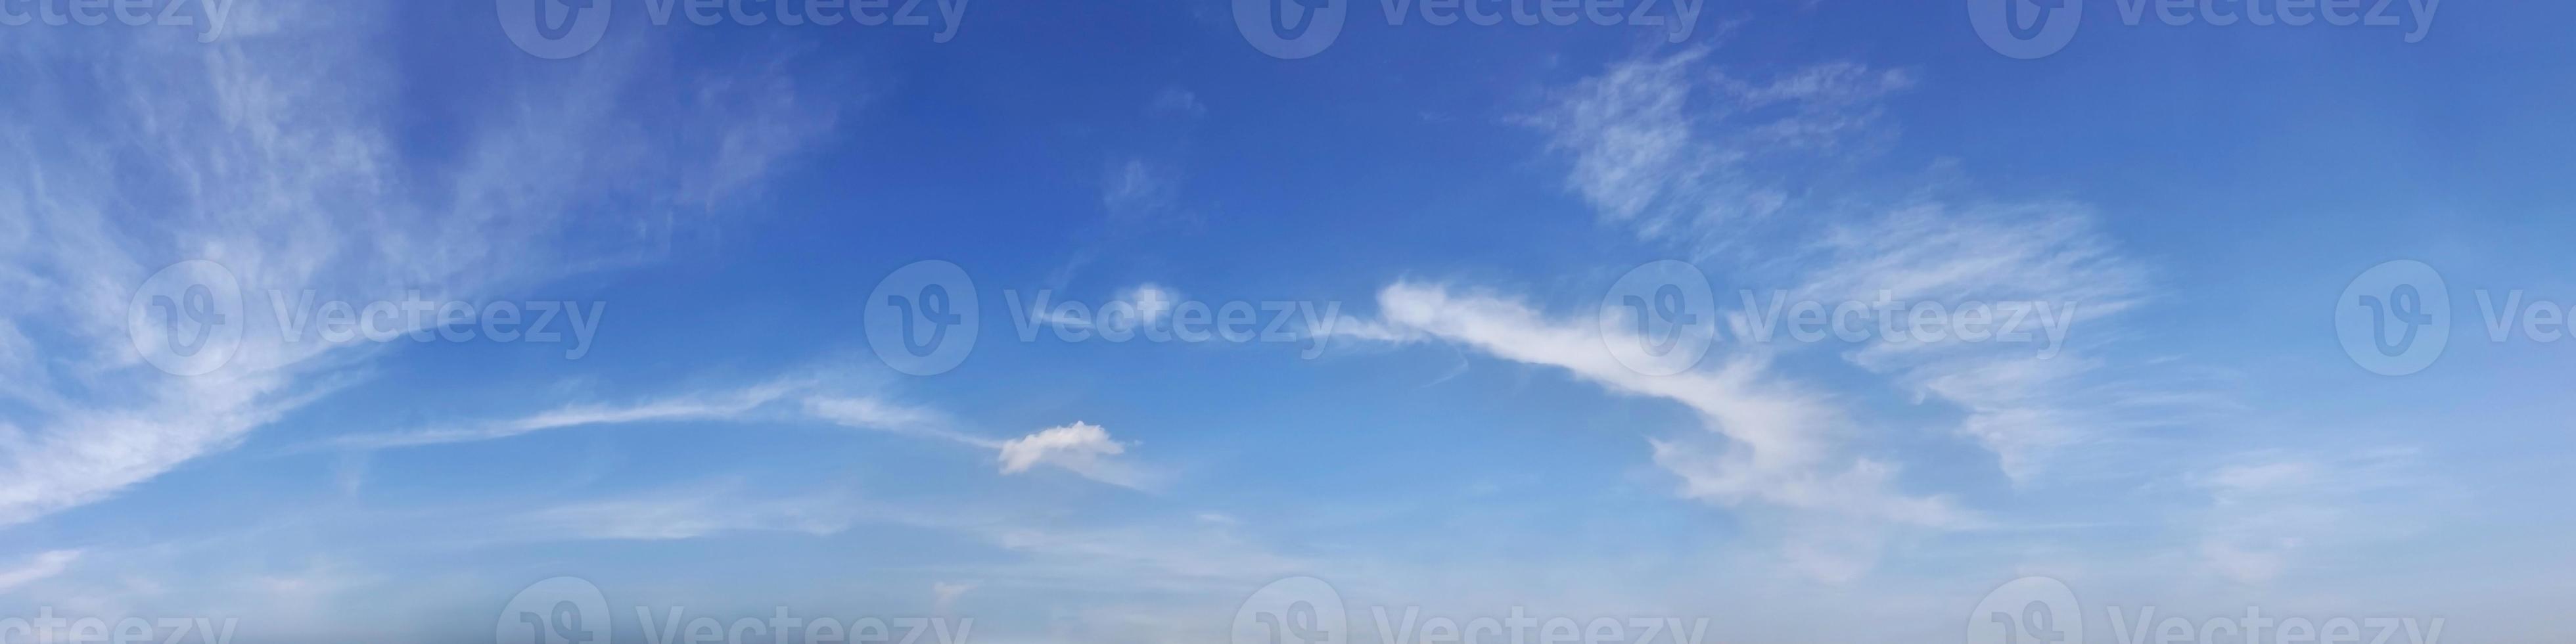 cielo con nuvole in una giornata di sole. foto